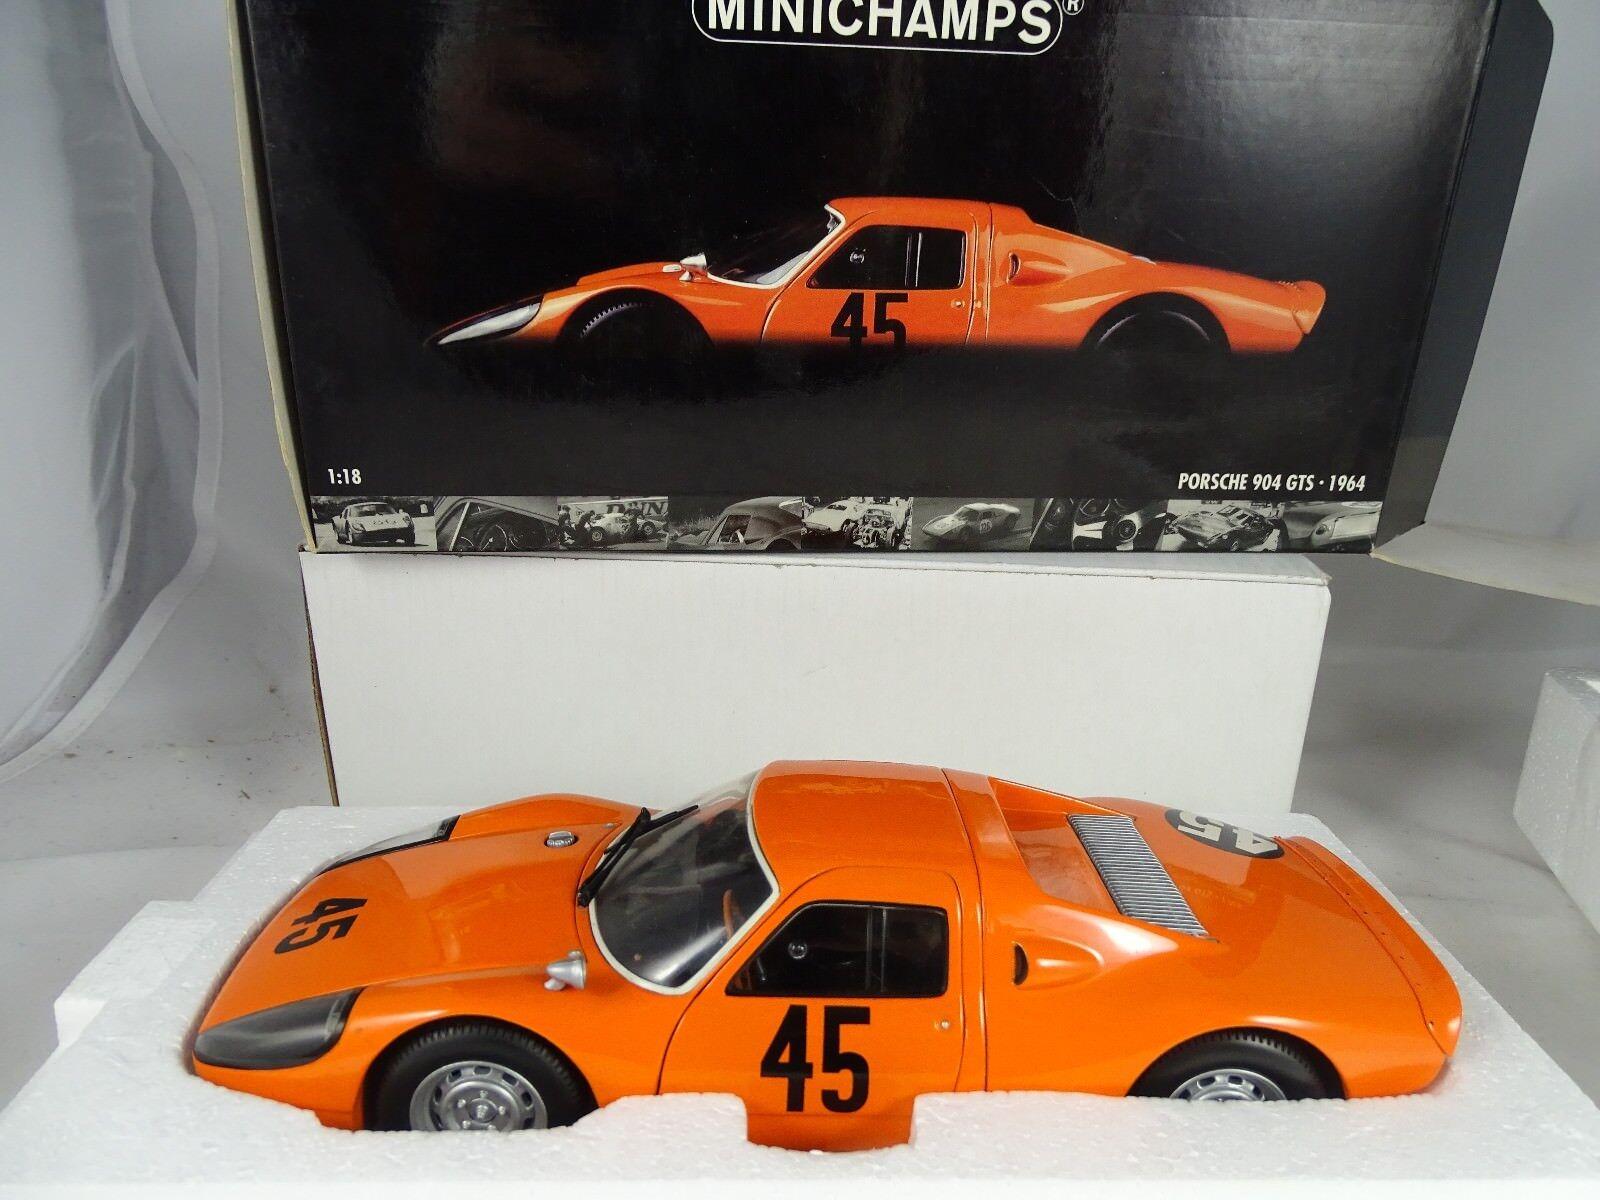 producto de calidad 1 18 Minichamps  180646745 Porsche 904 904 904 GTS 1964 pon Koch  45 naranja-rareza §  con 60% de descuento